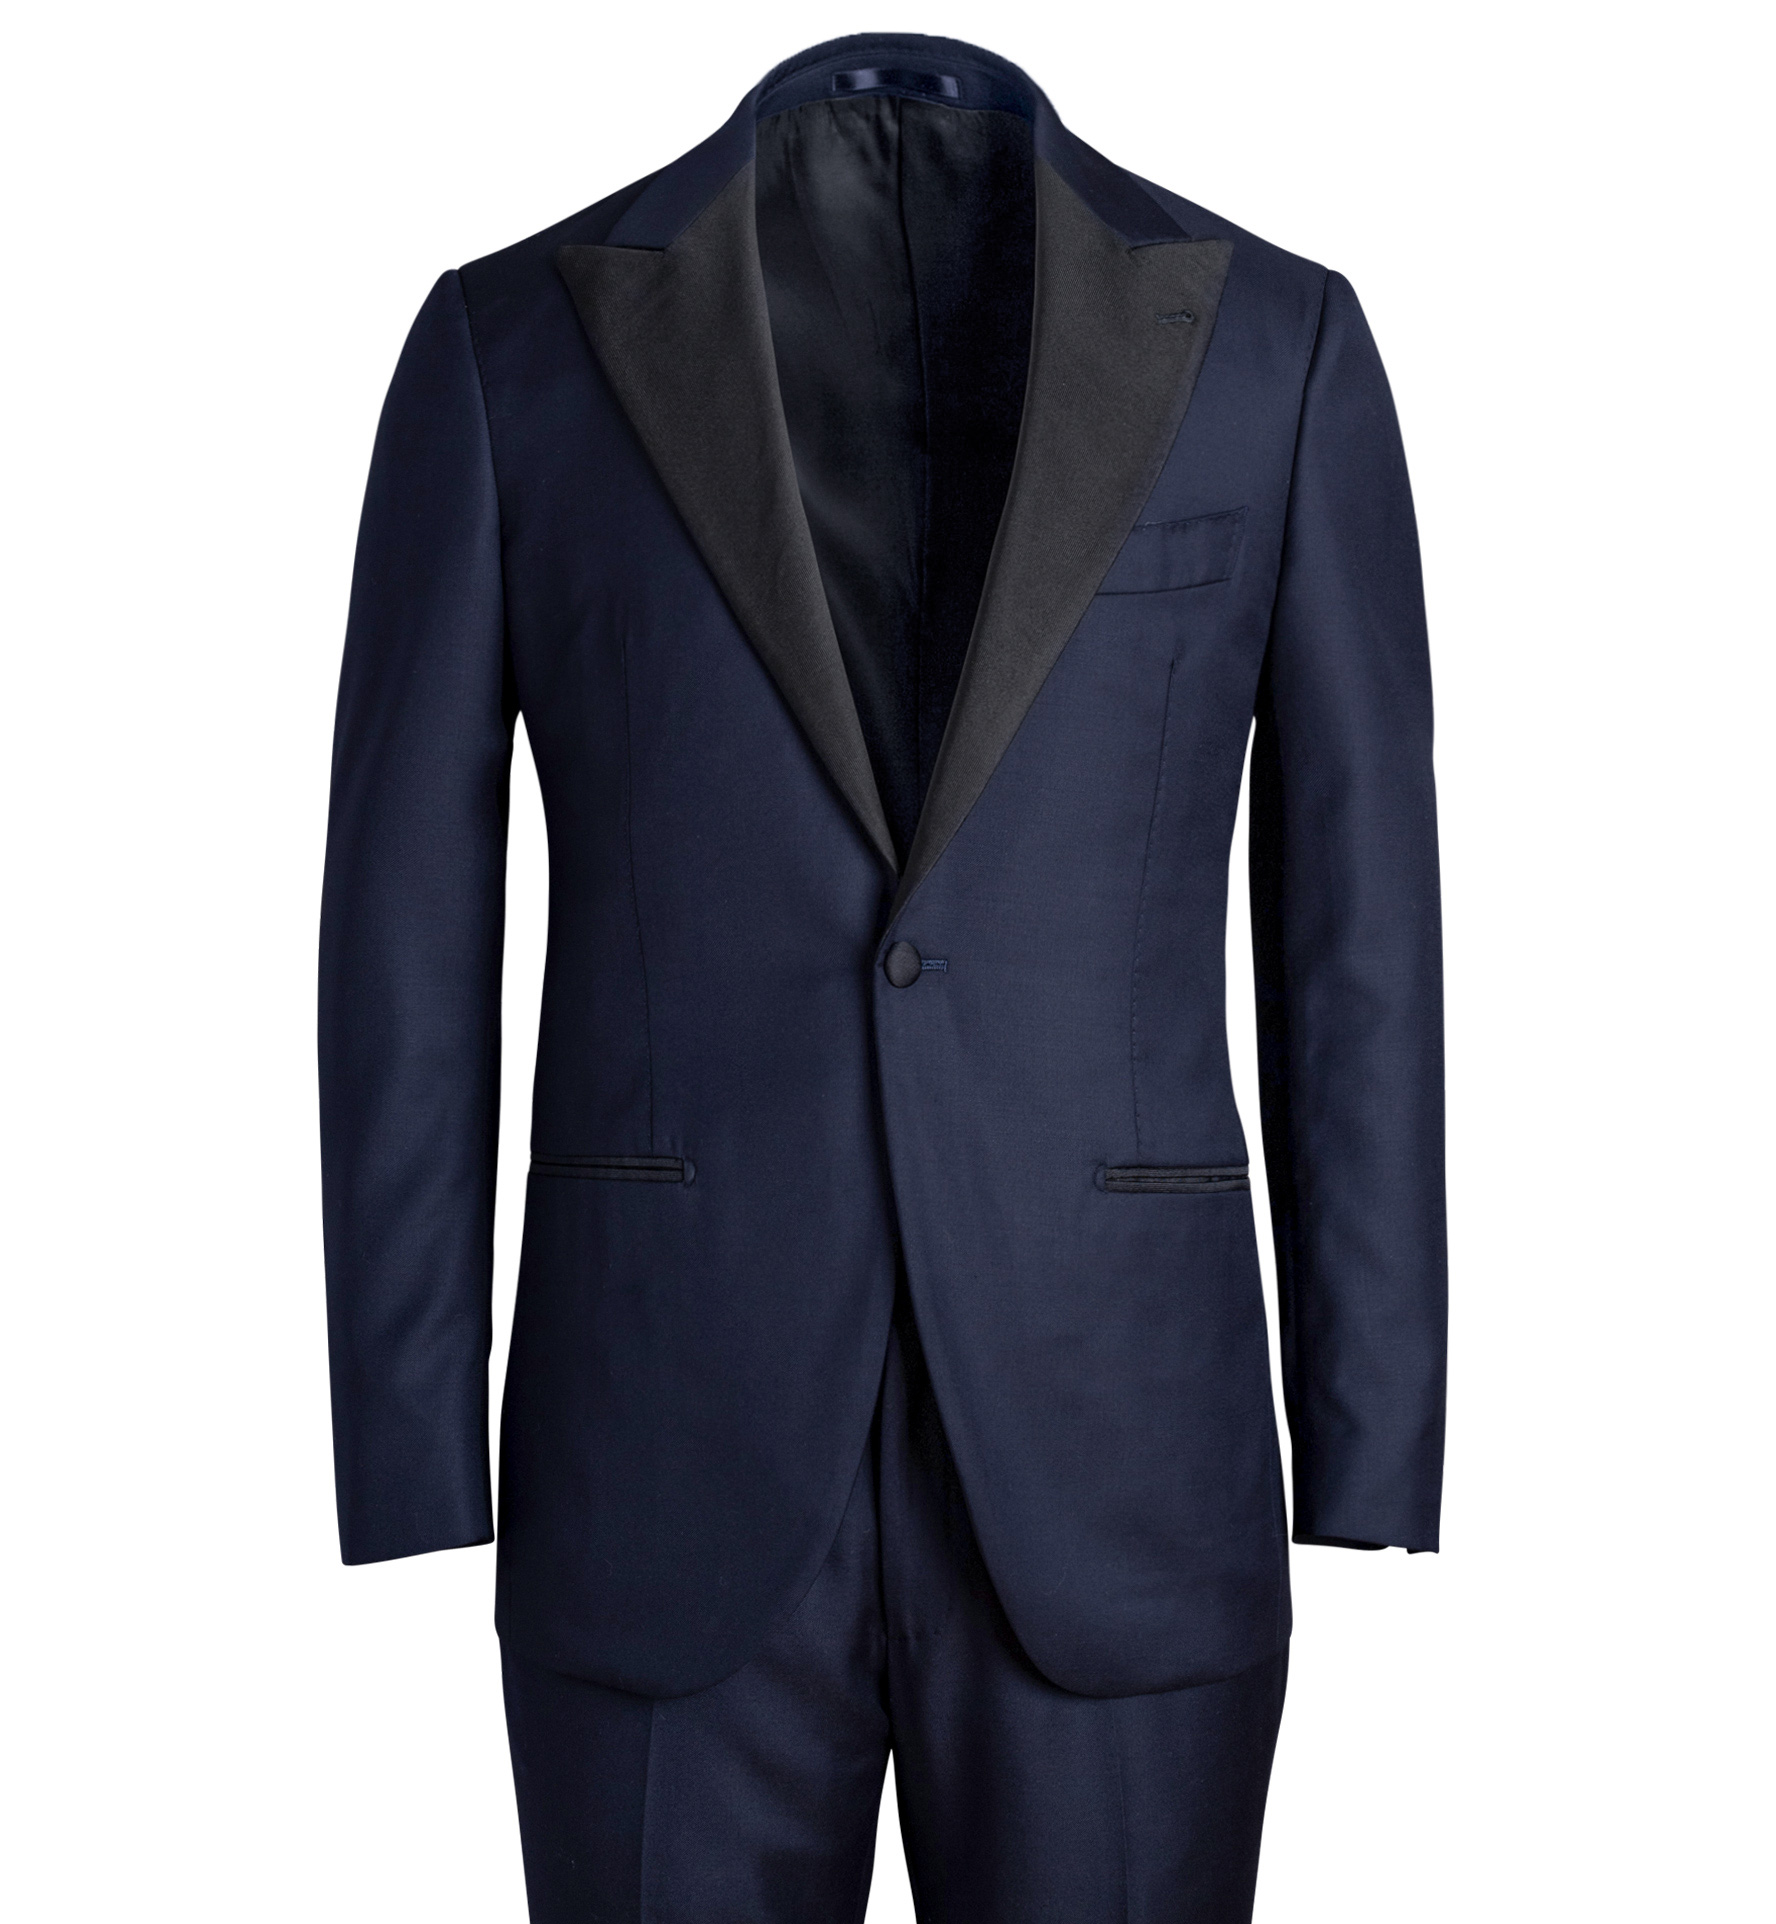 Zoom Image of Mayfair Navy Wool Tuxedo